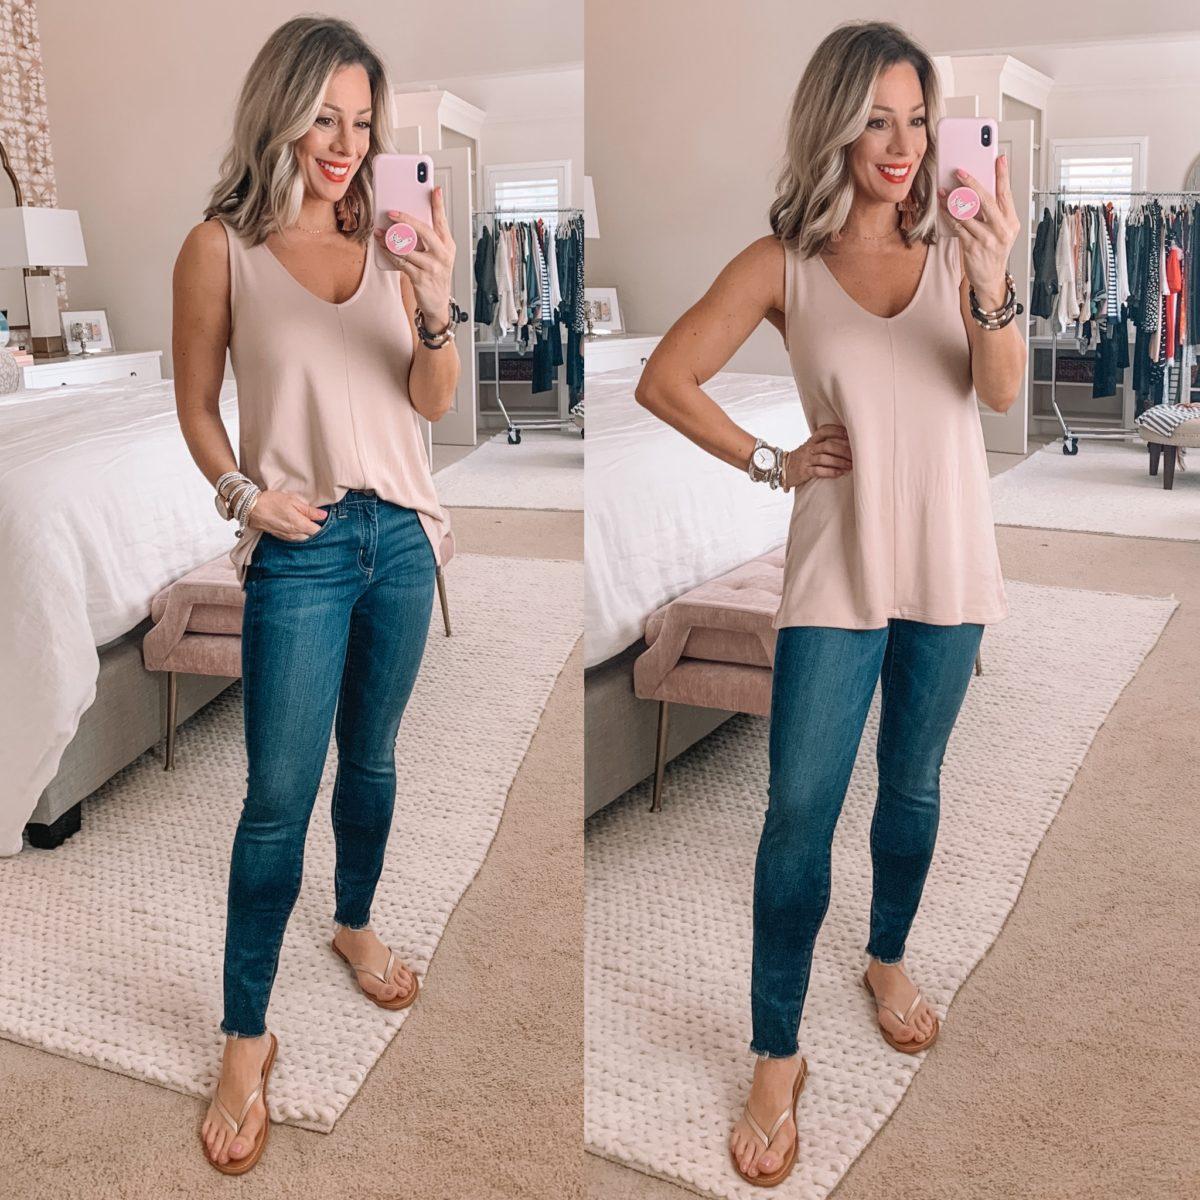 Pink Tank Top, Daily Ritual Skinny Jeans, Skinny Flip Flops